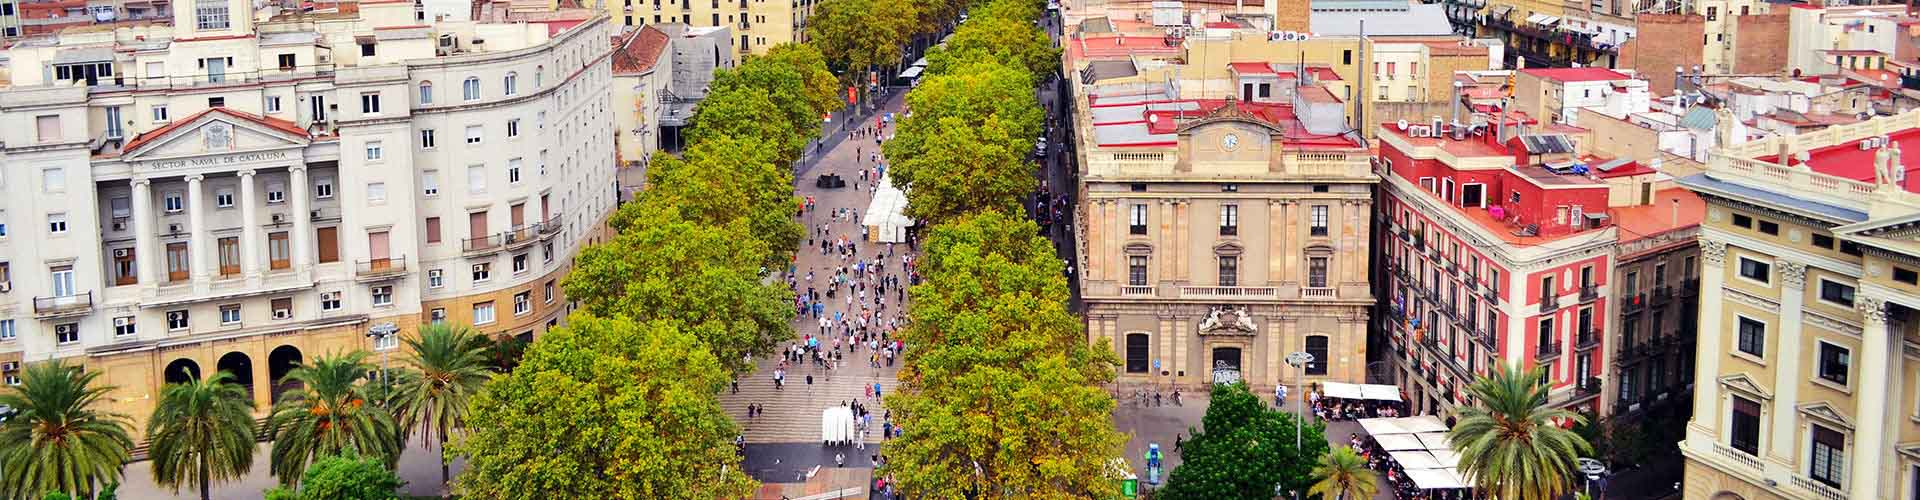 바르셀로나 - 람블라 거리 에 가까운 호텔. 바르셀로나의 지도, 바르셀로나에 위치한 호텔에 대한 사진 및 리뷰.